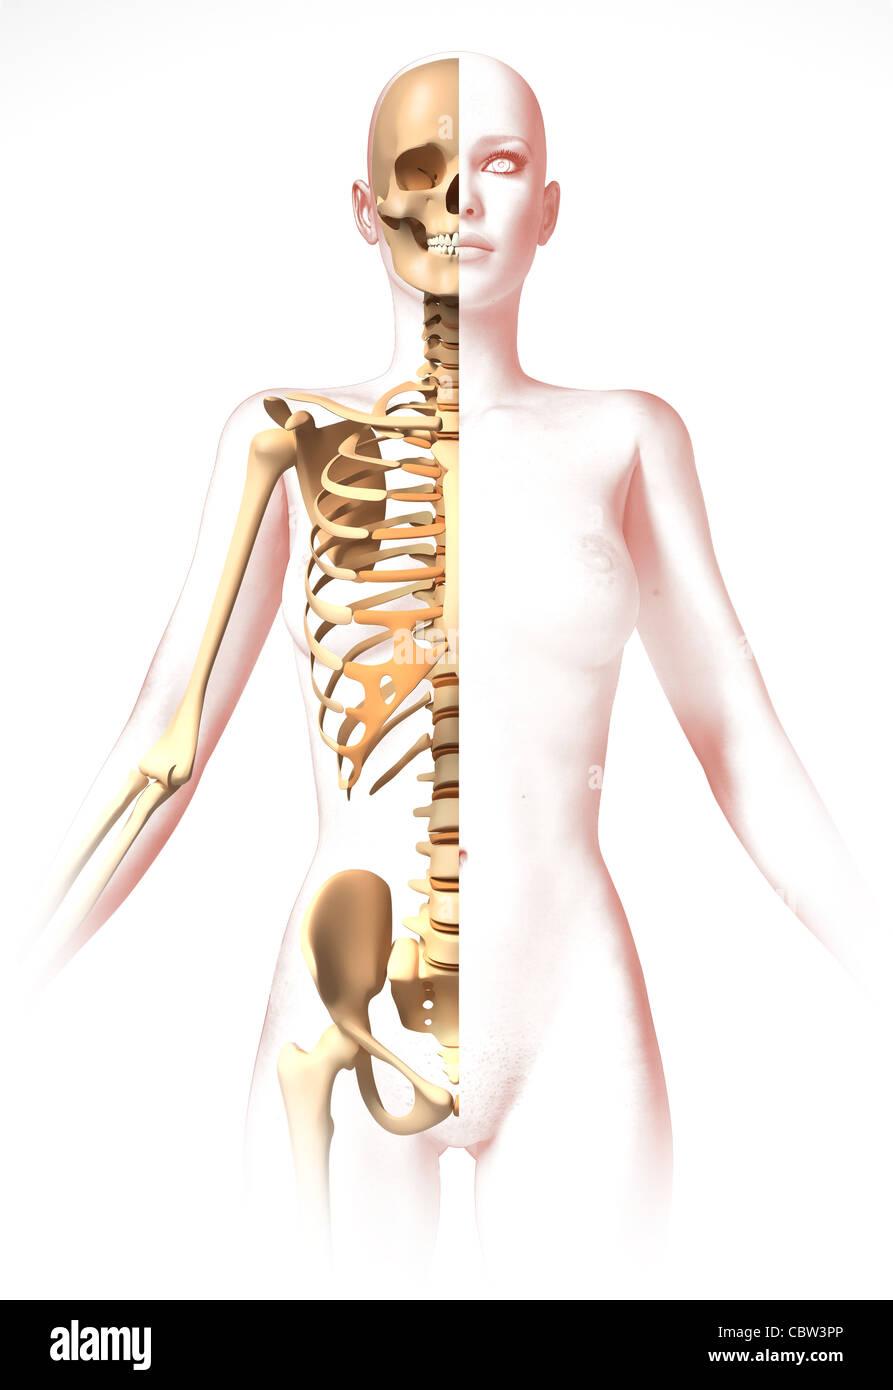 Körper der Frau, mit Skelett. Anatomie-Bild, stilisierte Aussehen ...